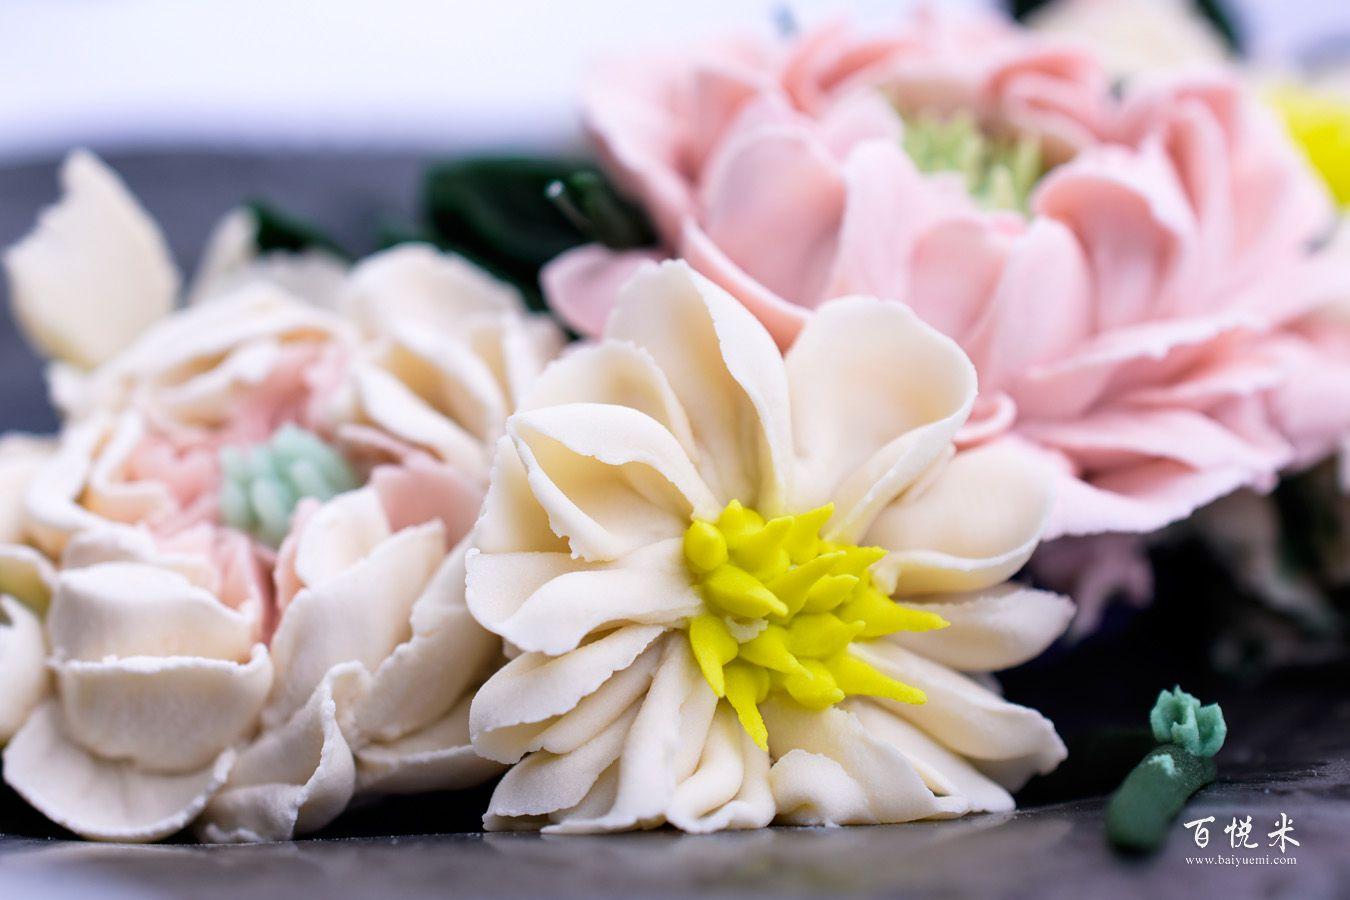 裱花的做法大全,裱花蛋糕培训图文教程分享